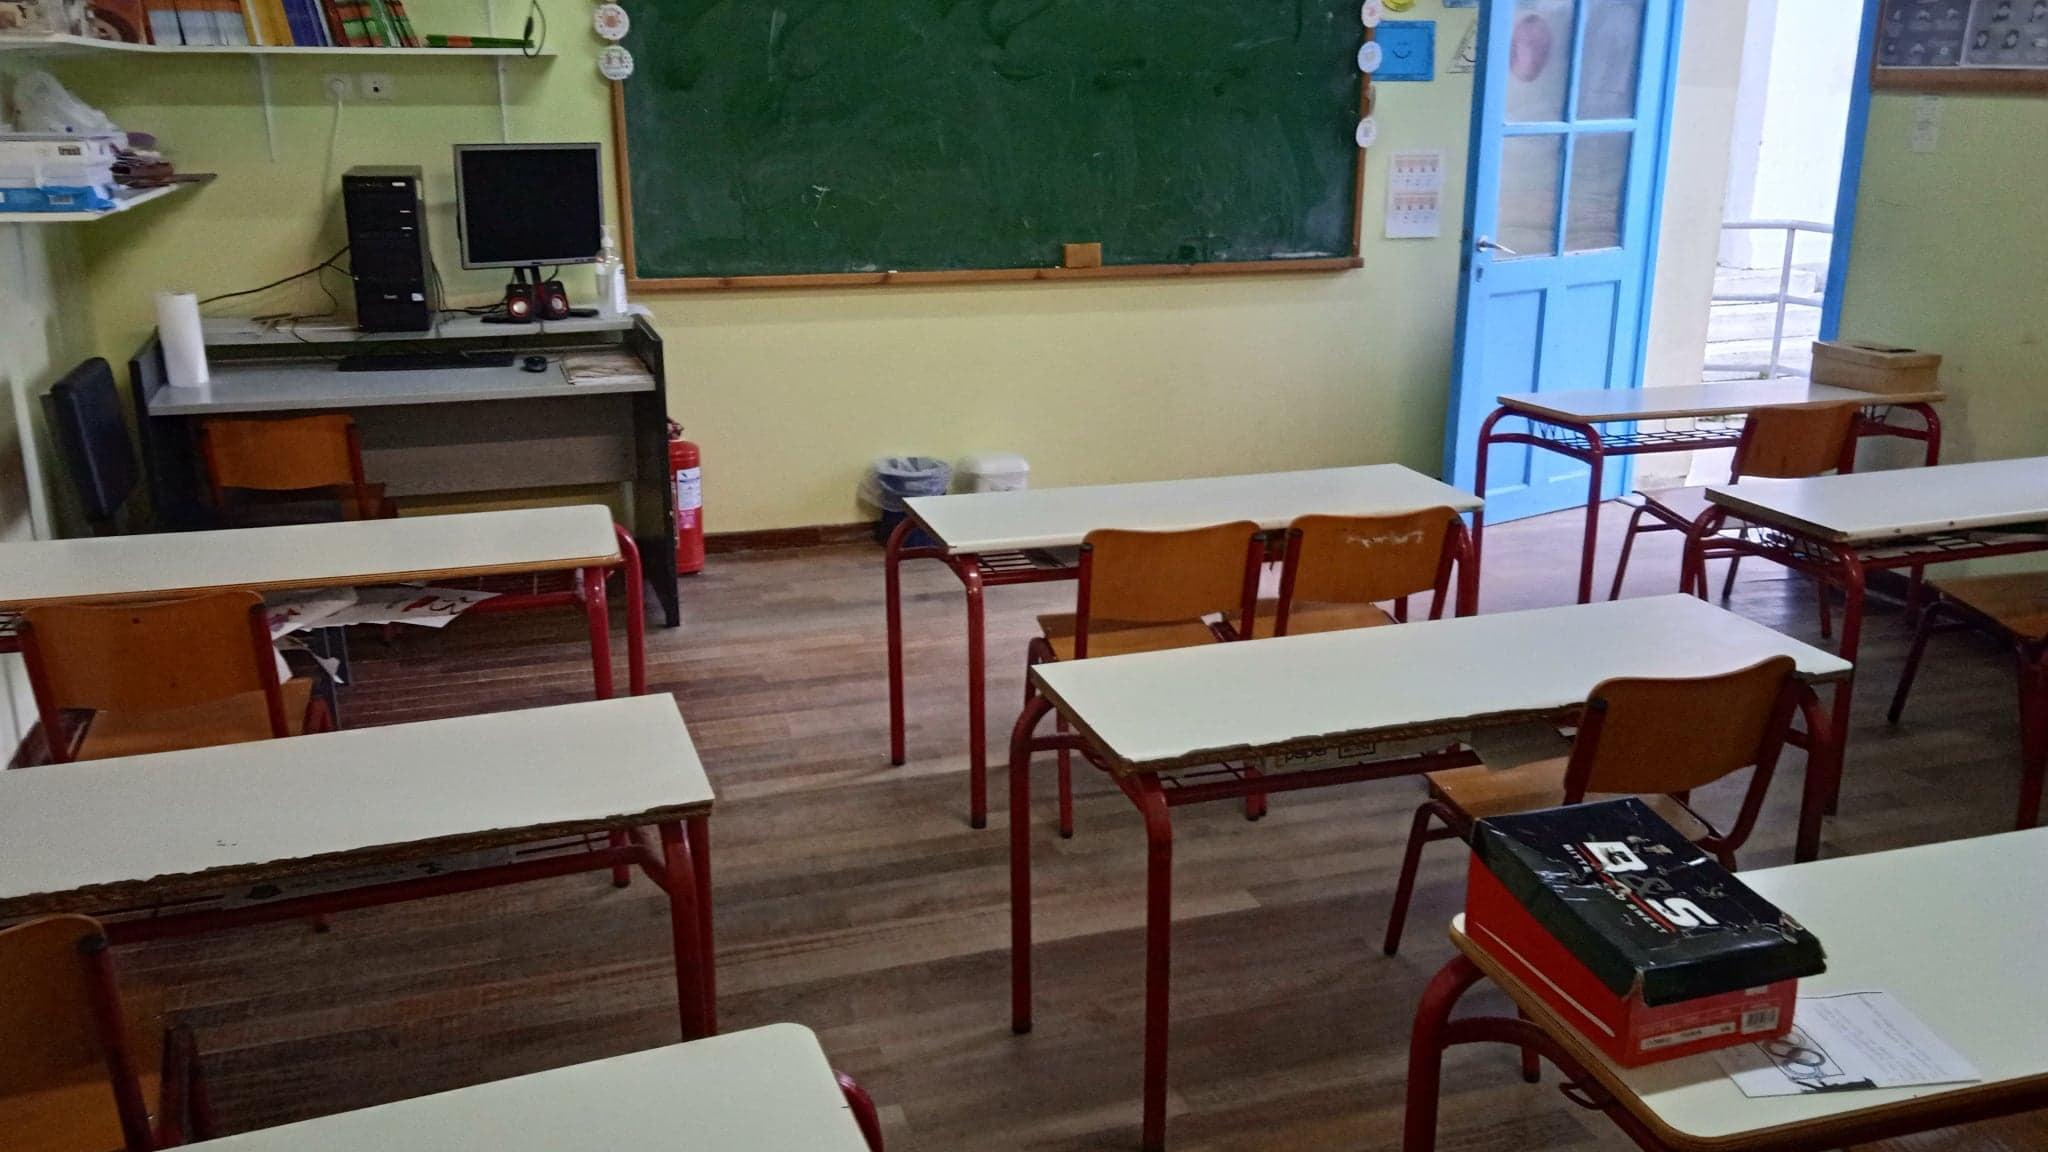 Δημοτικό Σχολείο Όρμου Κορθίου: Αποχή όλων των τάξεων από την εκπαιδευτική διαδικασία αύριο